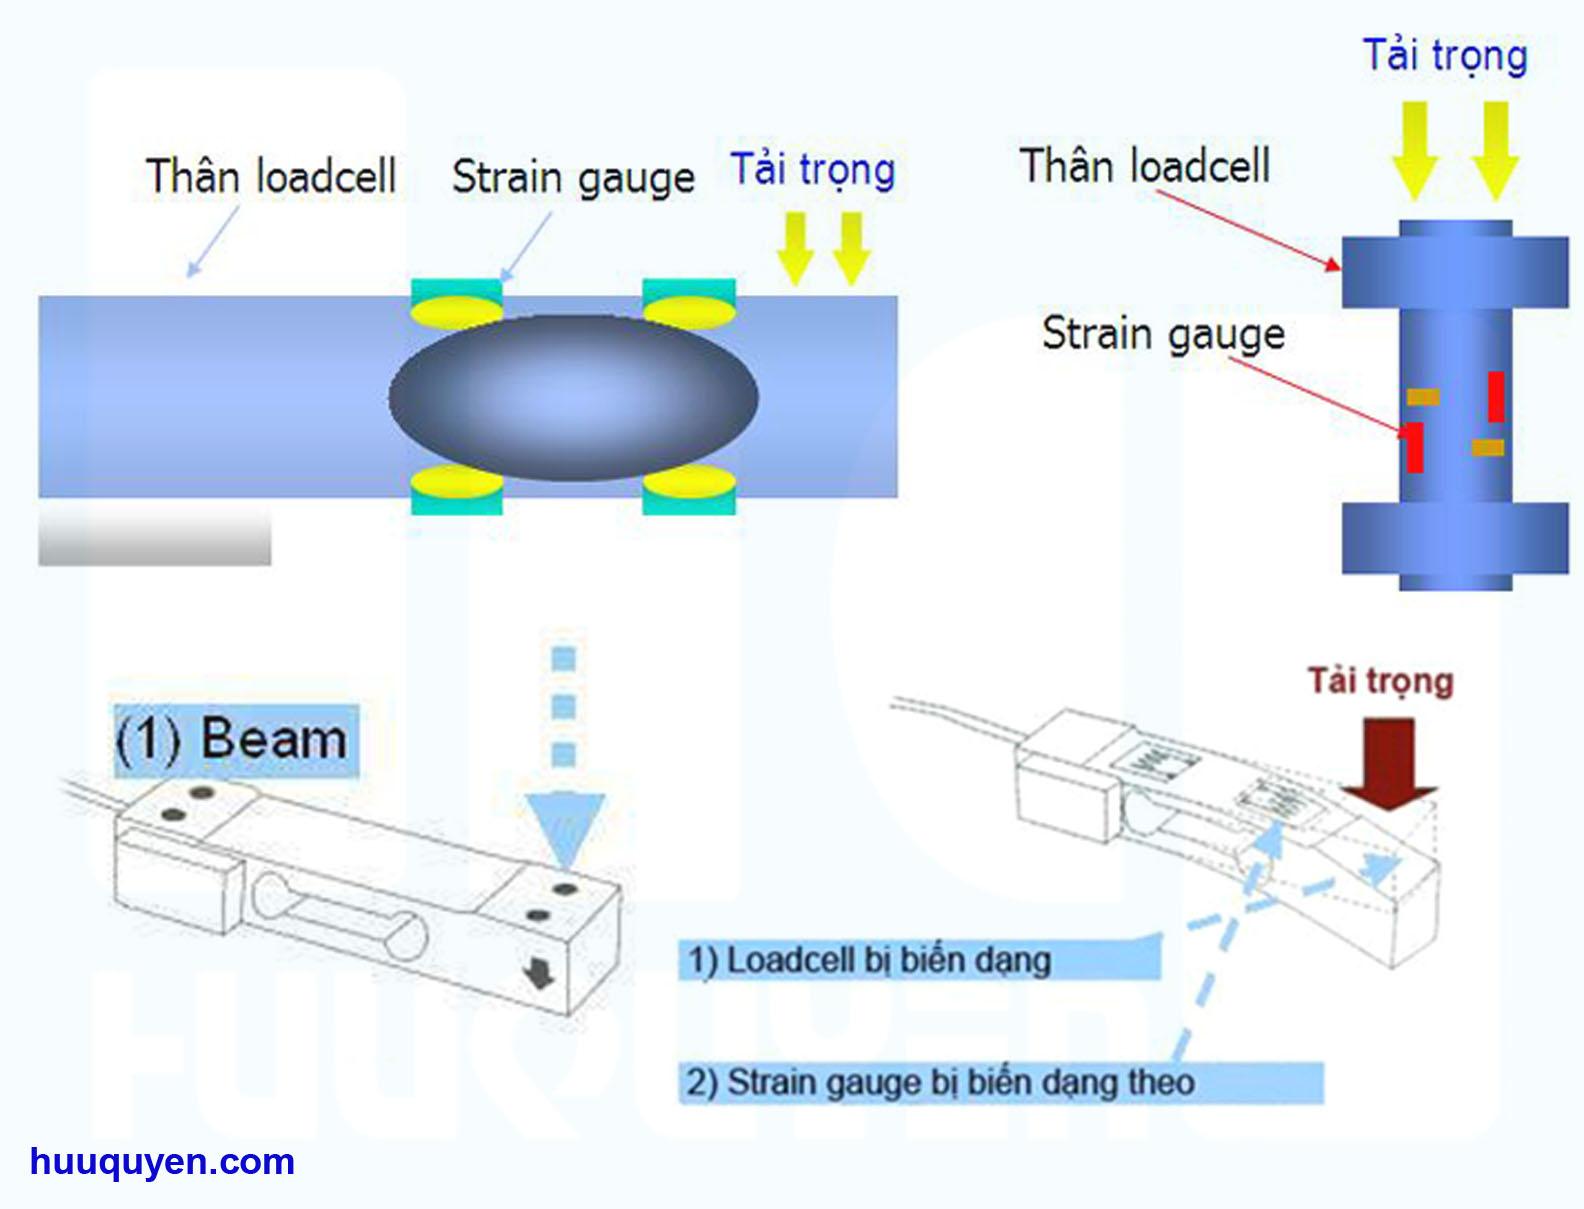 Nguyên lý hoạt động của cảm biến lực - Loadcell cân điện tử